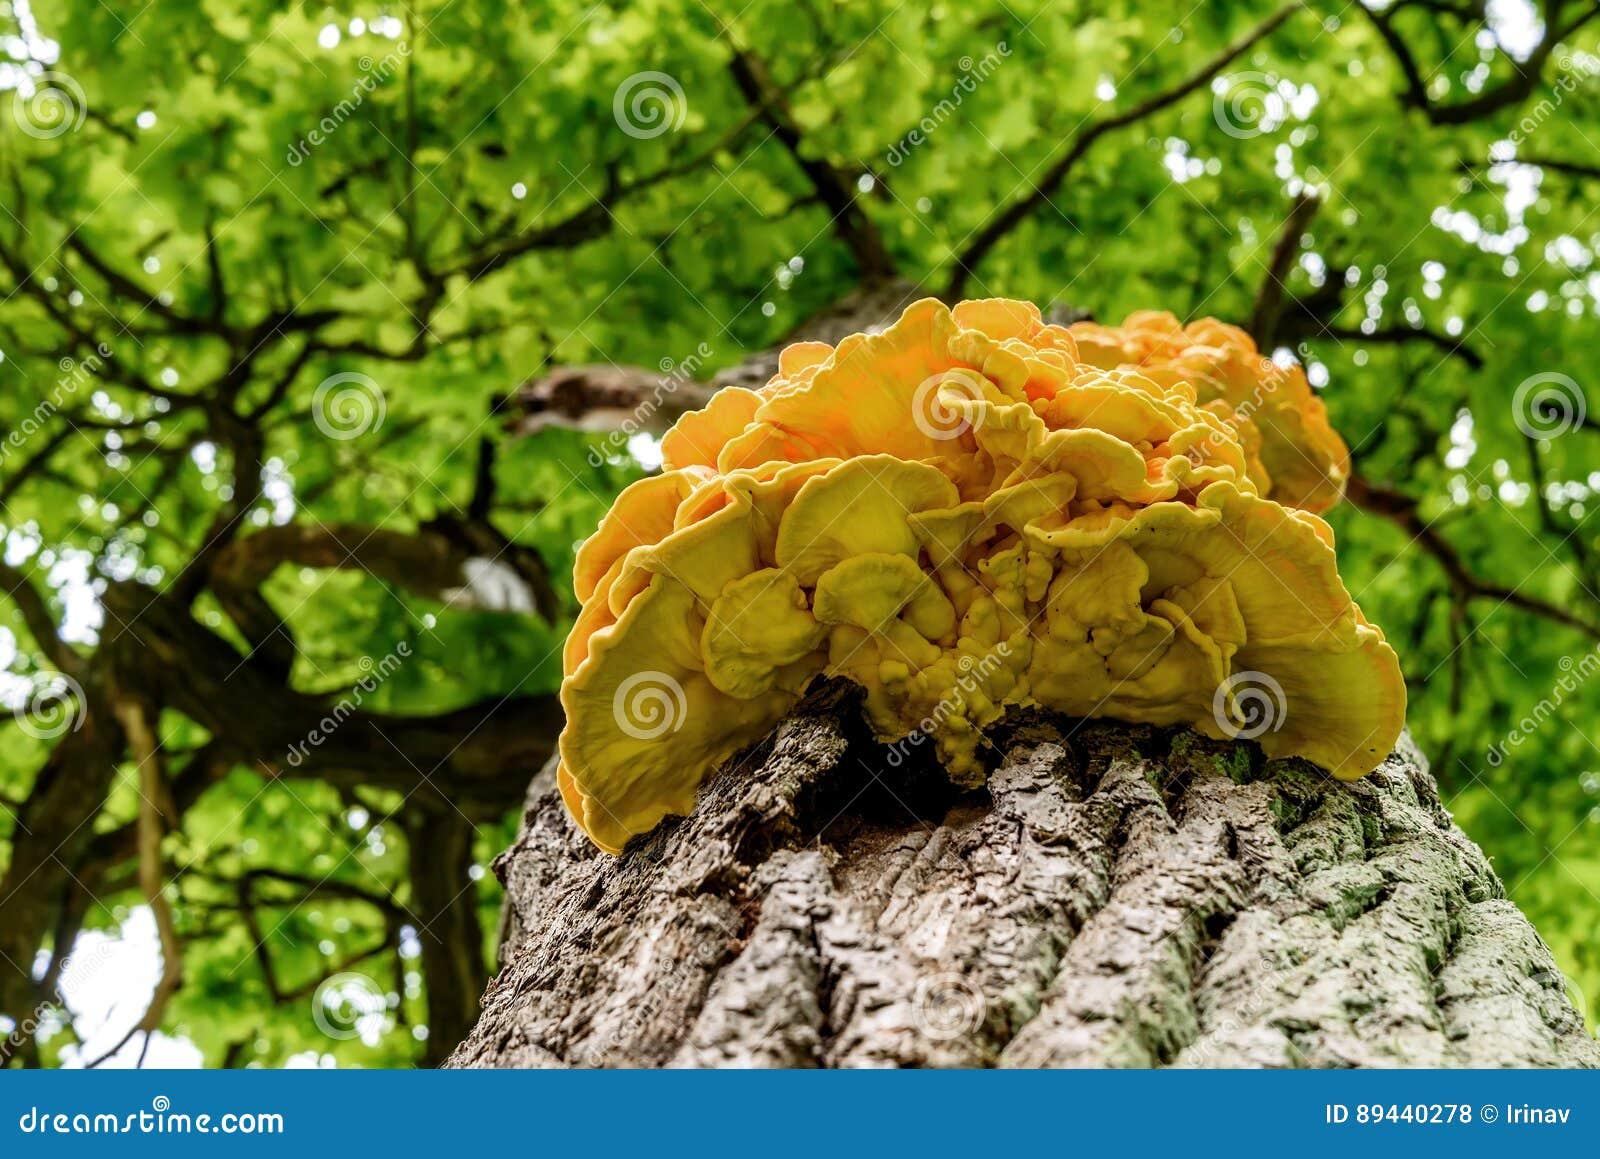 Jaune de tronc d 39 arbre de chaga de champignon photo stock - Champignon sur tronc d arbre ...